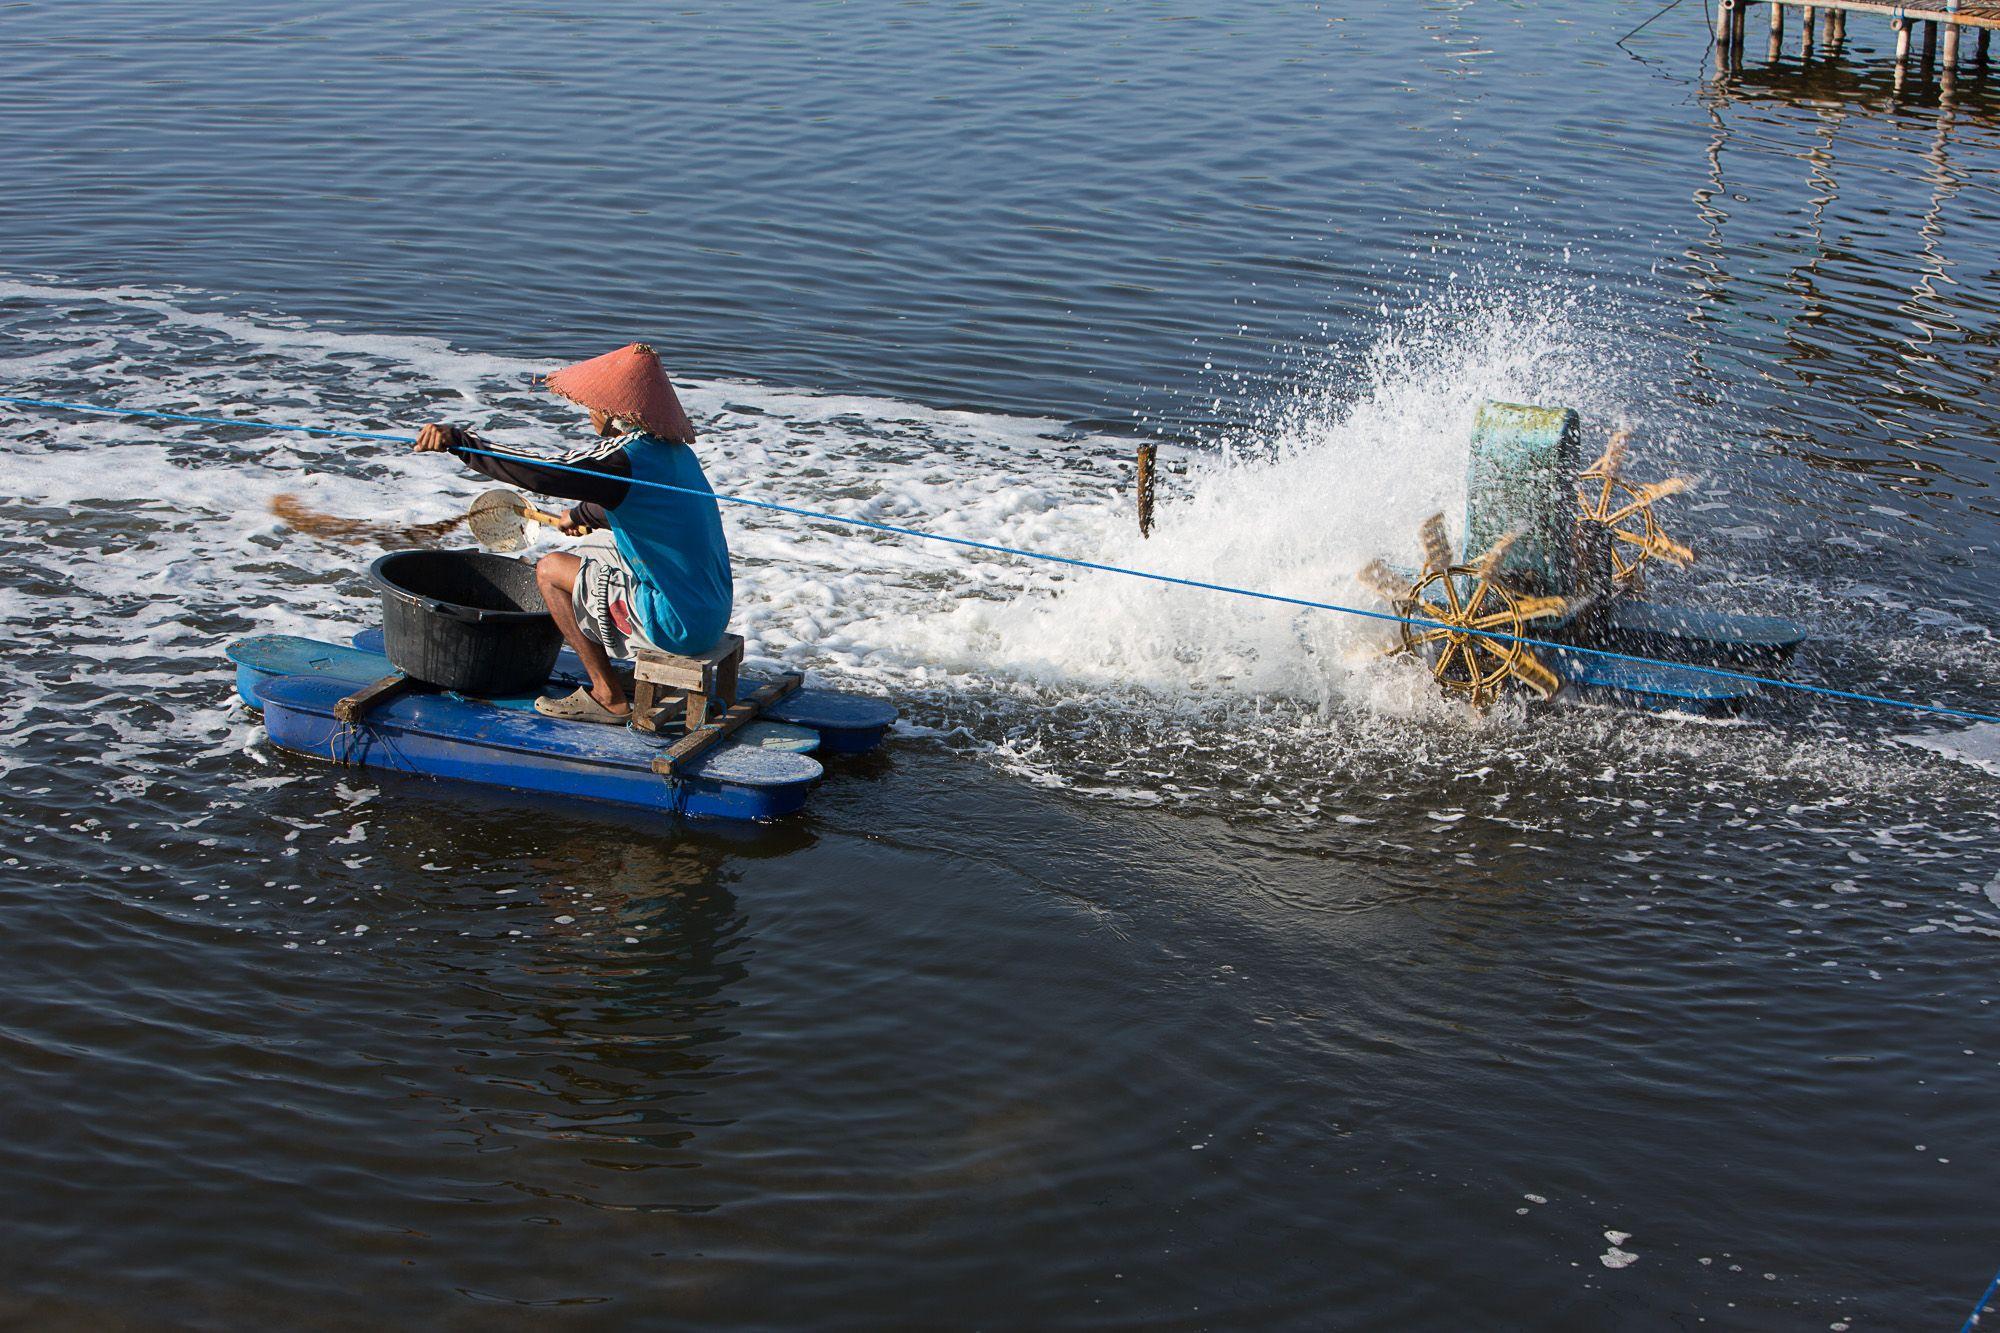 PT Suri Tani Pemuka, Indonesia (2) - INVE Aquaculture